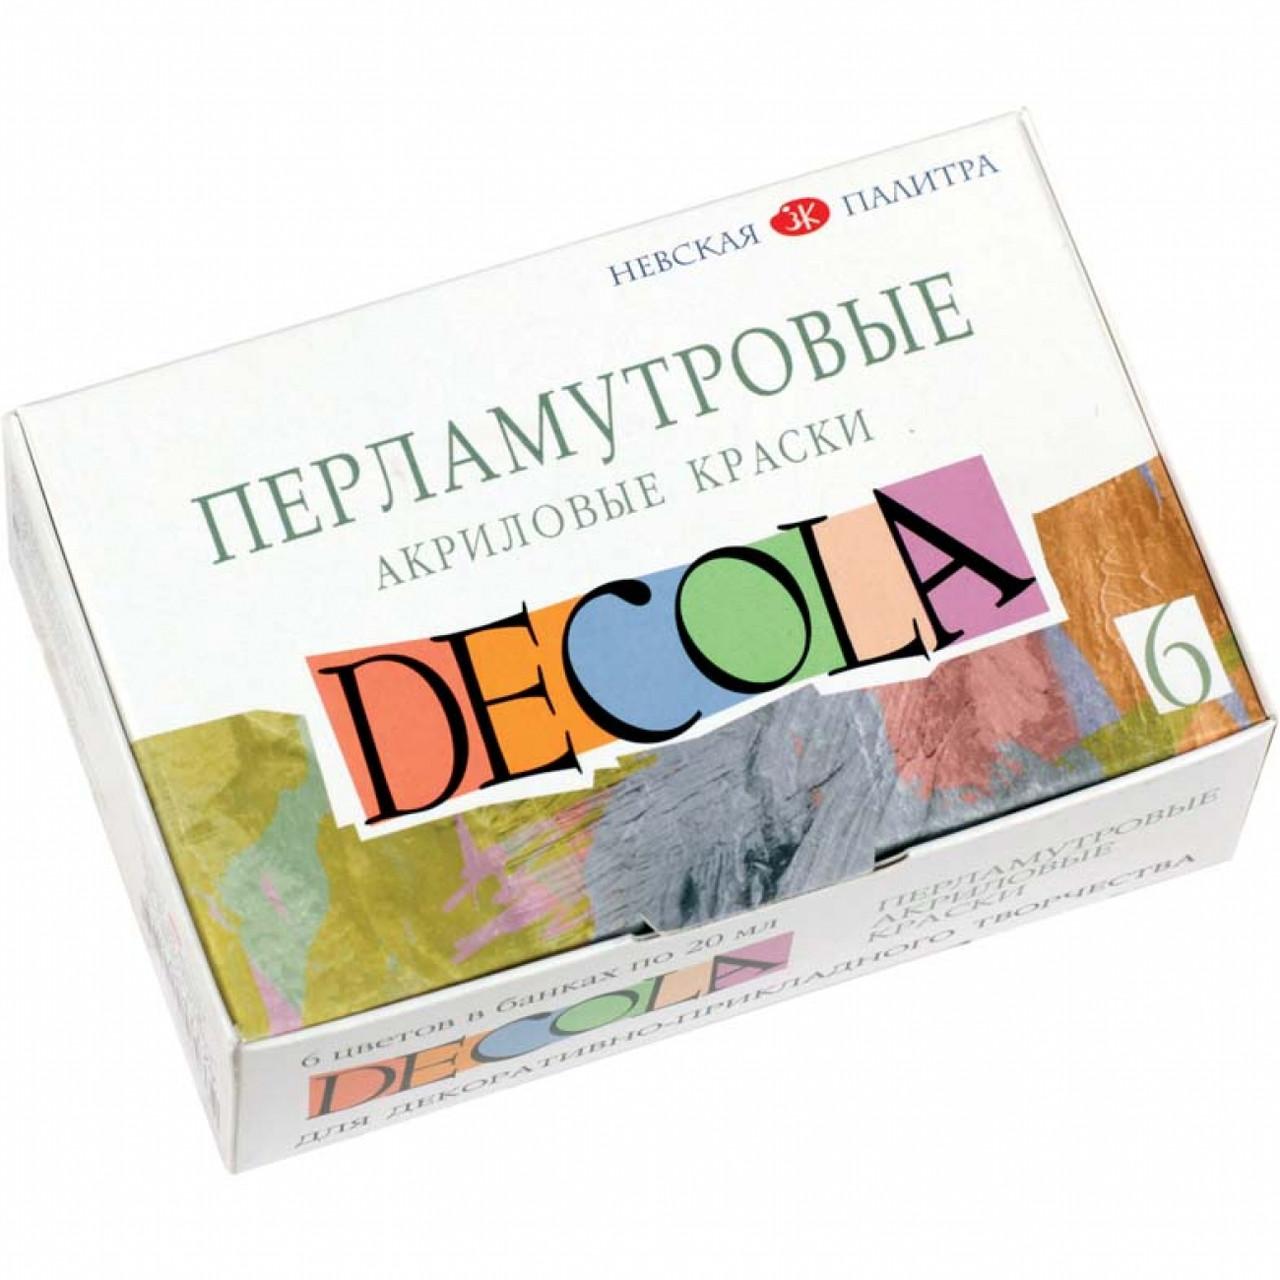 Краски акриловые DECOLA перлам. 6цв., 20мл ЗХК